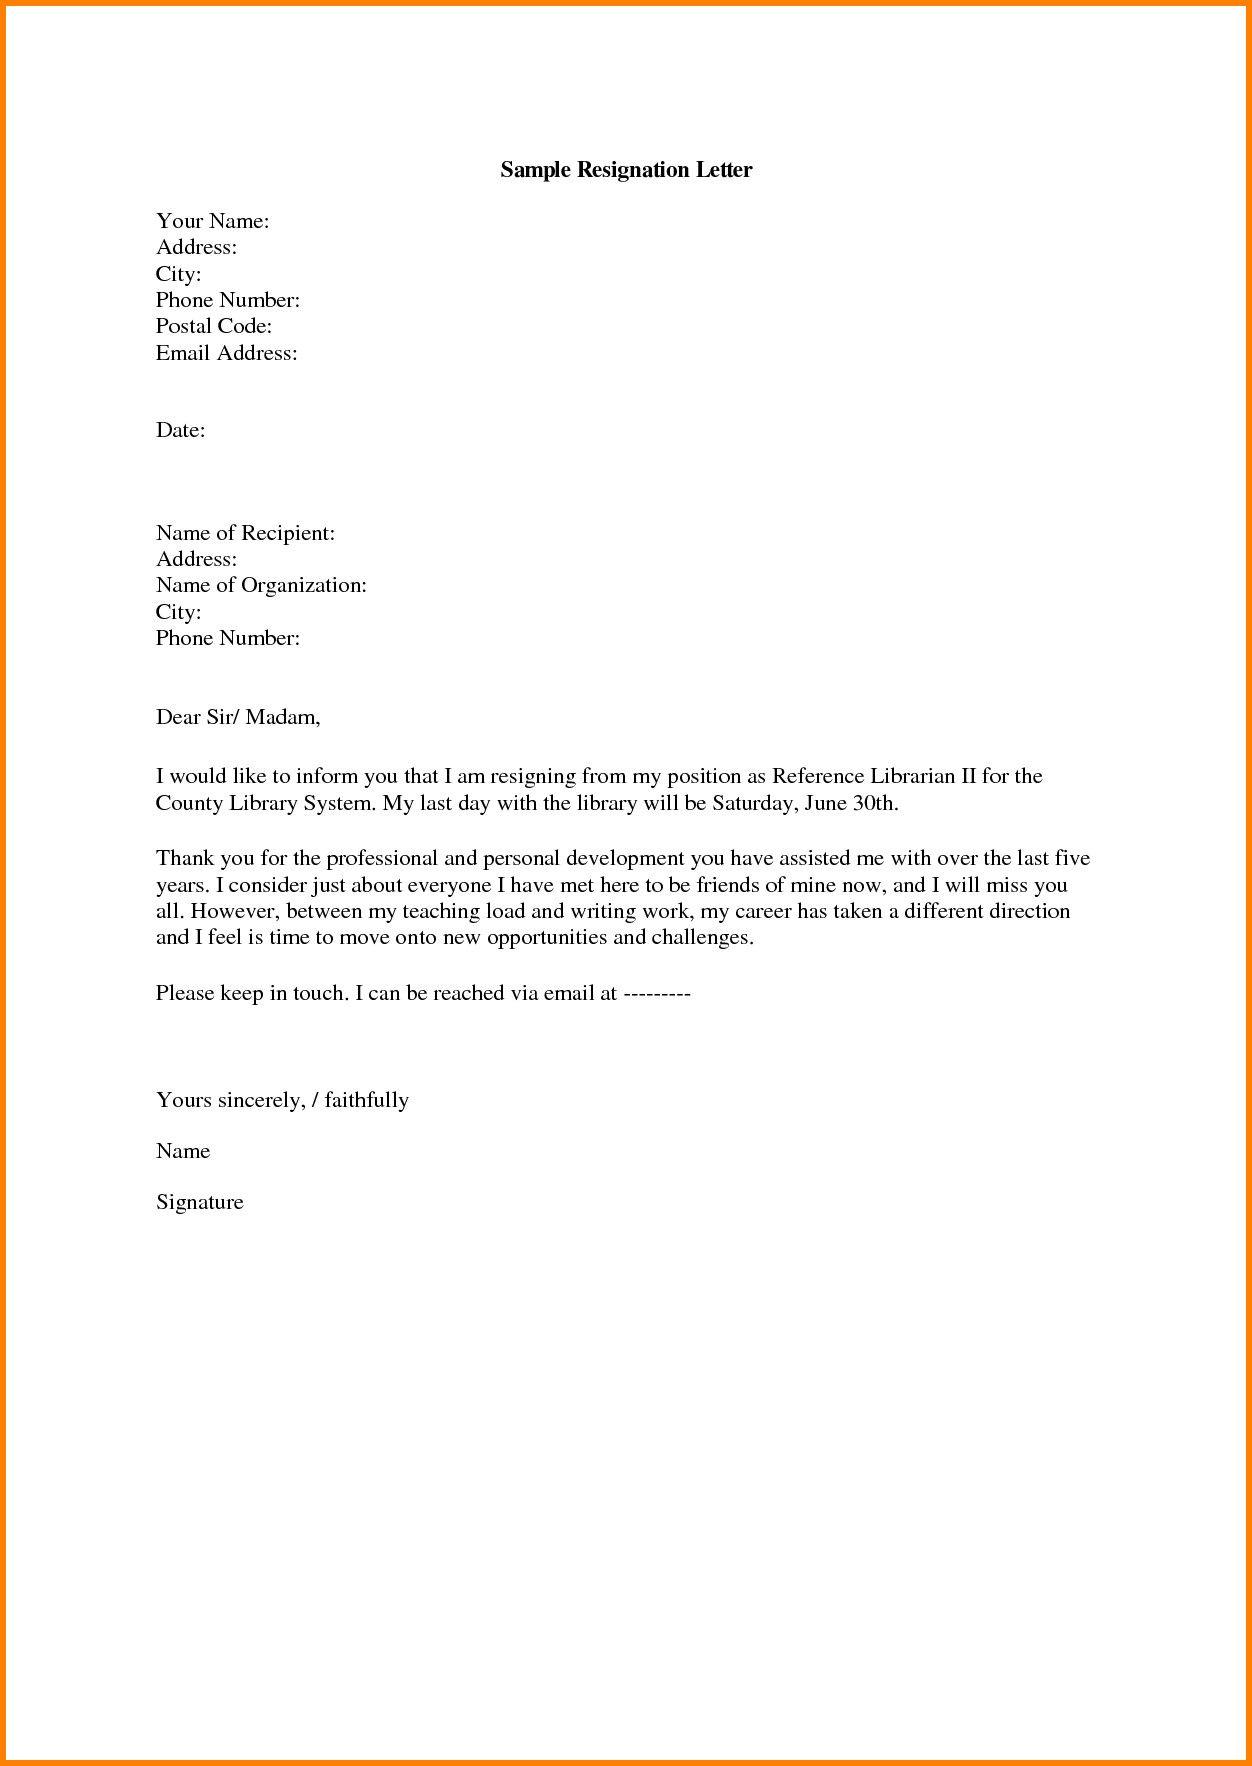 Resignation Letter For A Teacher Inspirational 8 Elementary